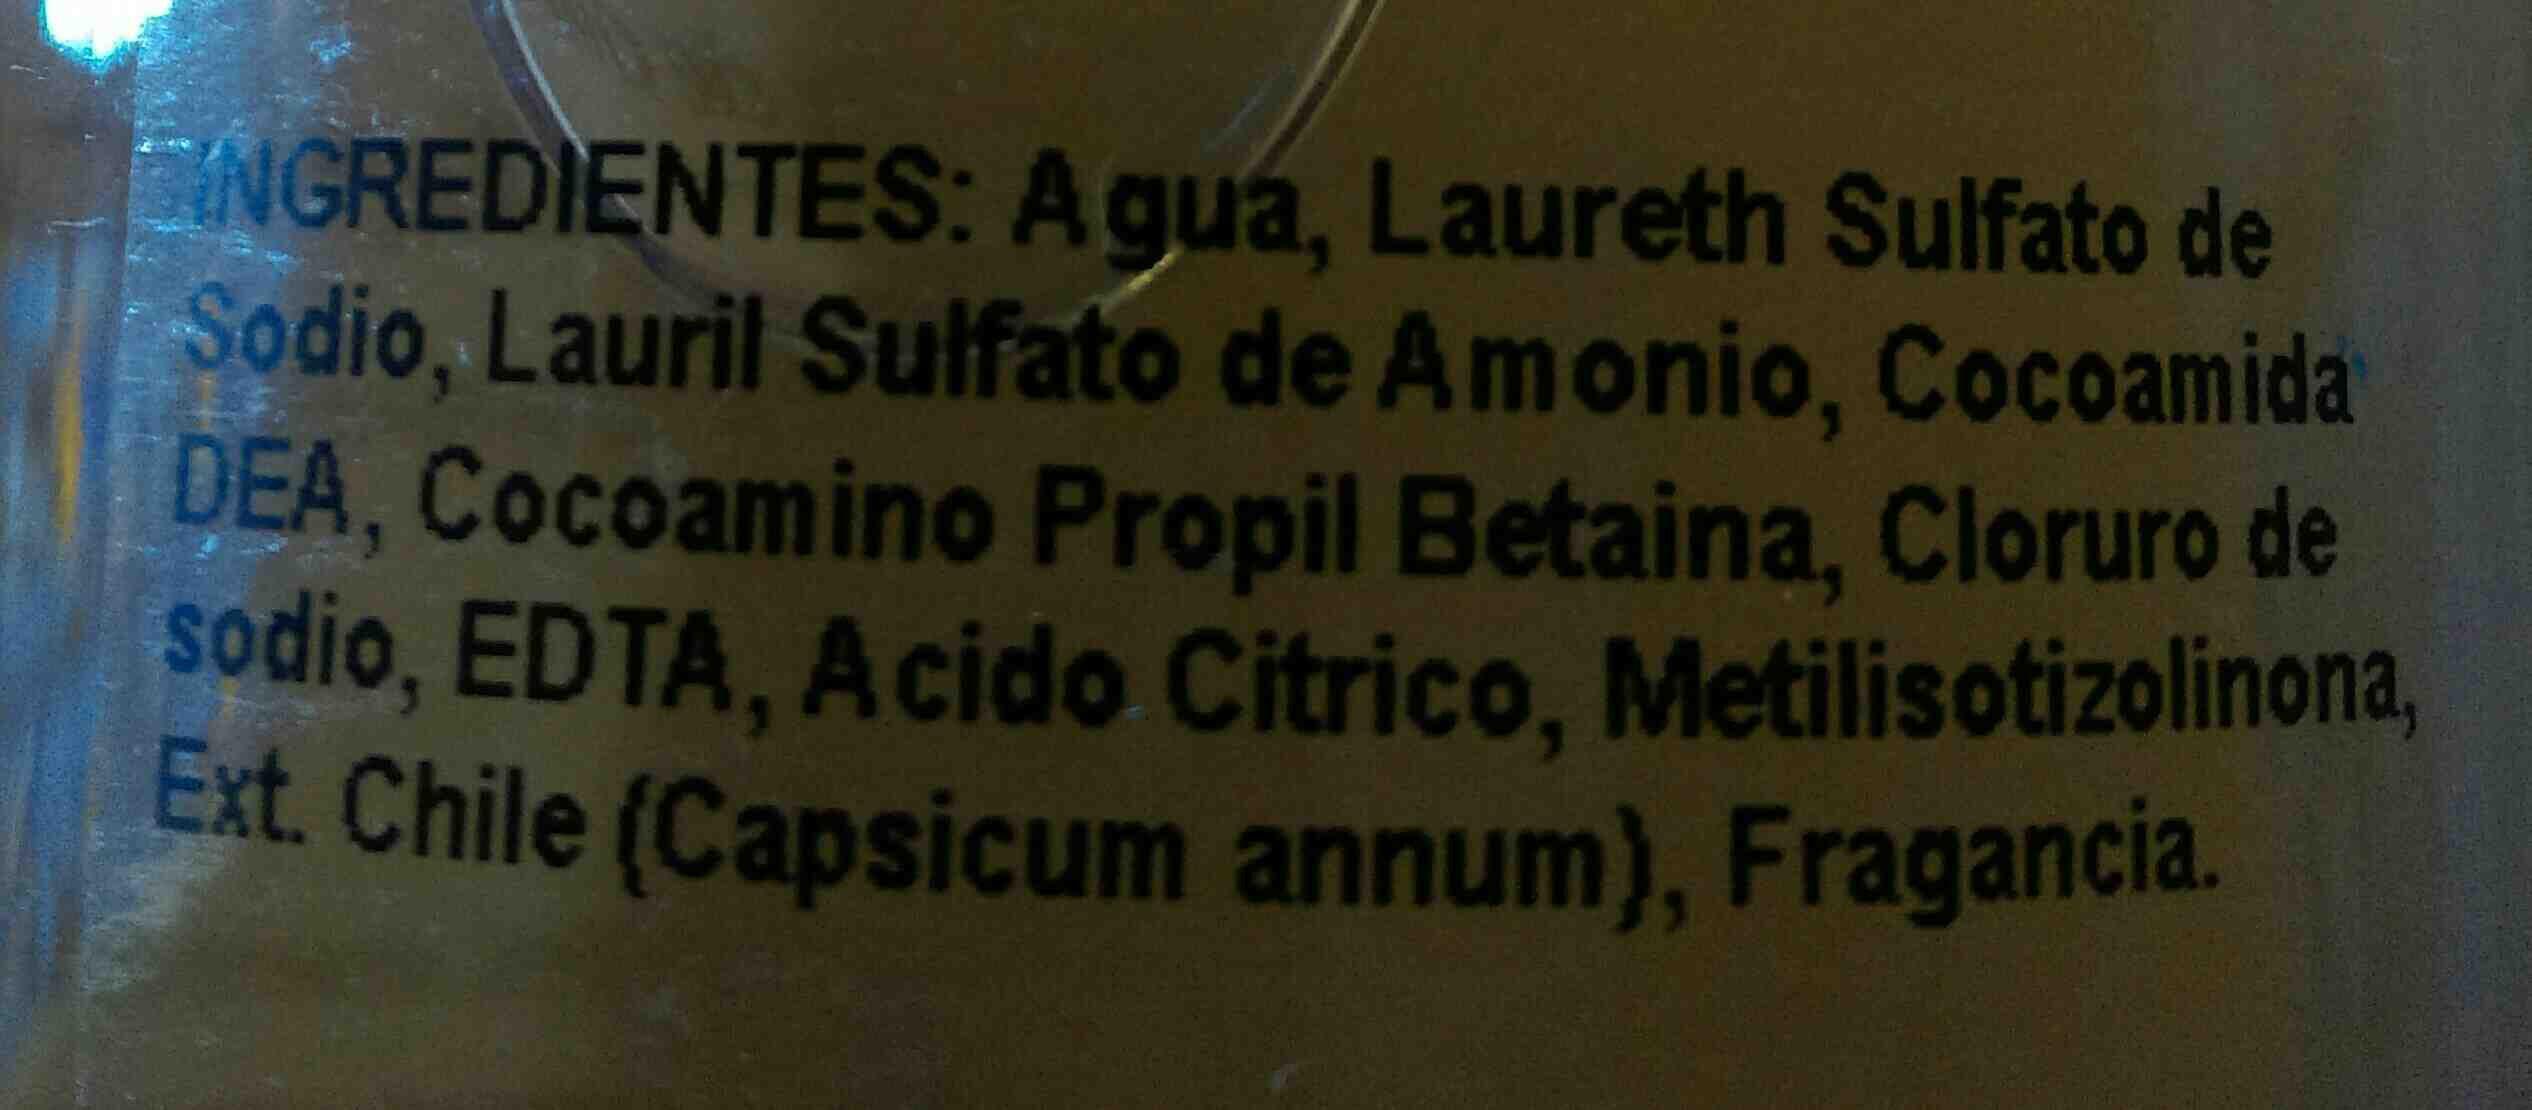 shampoo de chile Medina - Ingredients - en